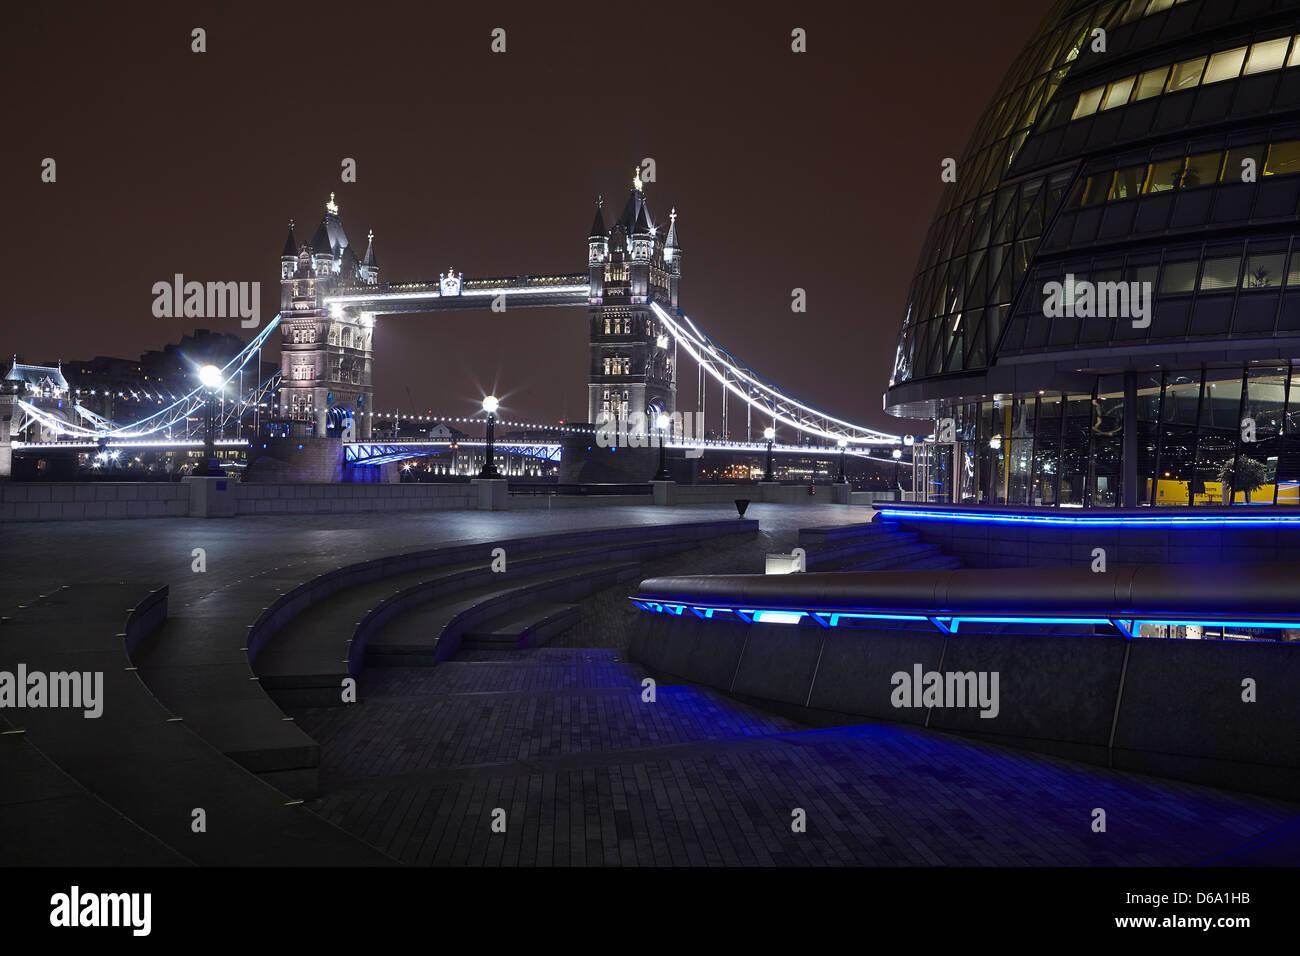 Urban bridge lit up at night - Stock Image